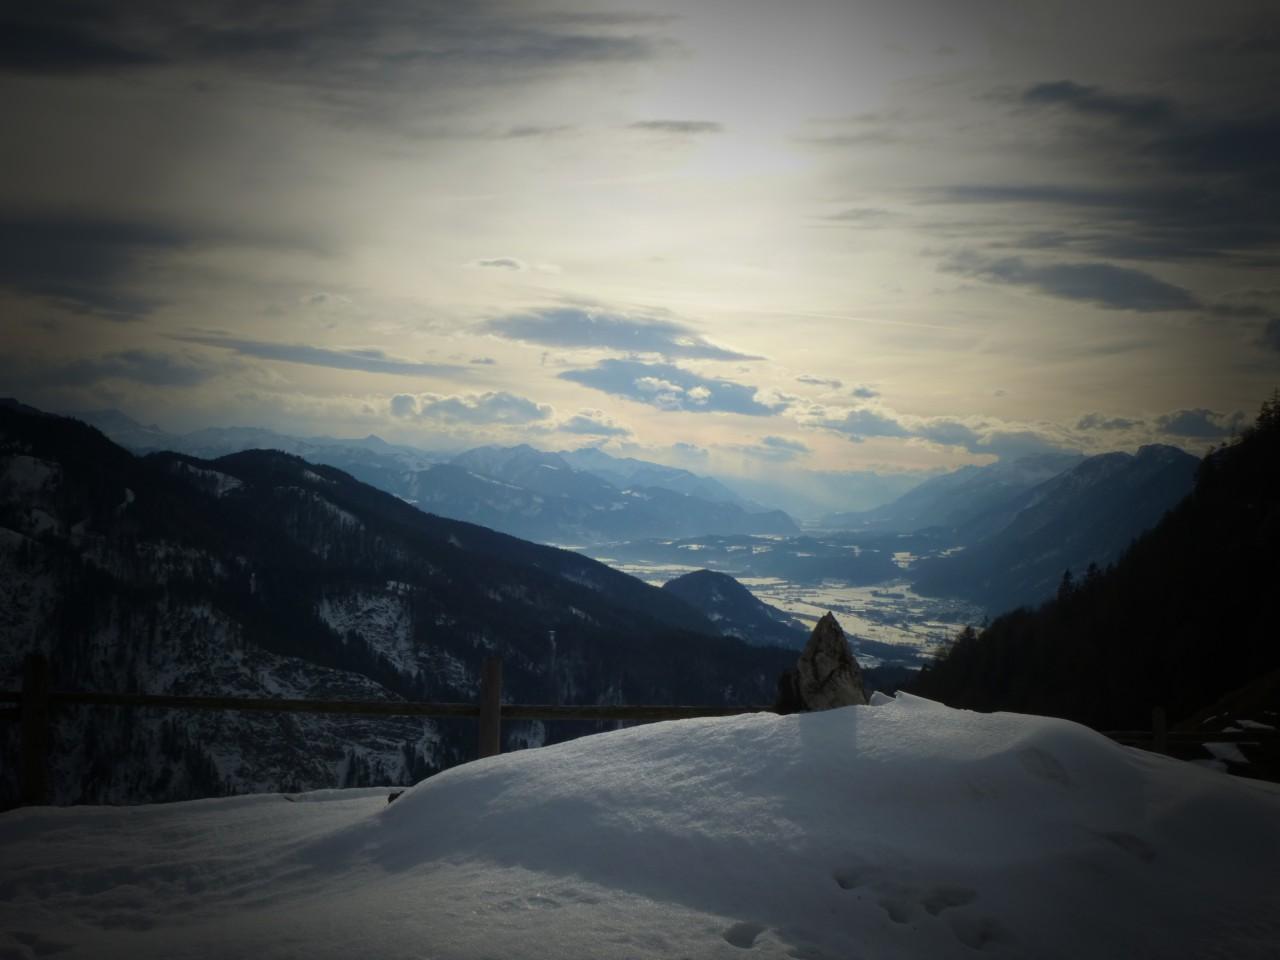 Hüttengaudi mit Talsicht und Schnee so weiß wie Kren.